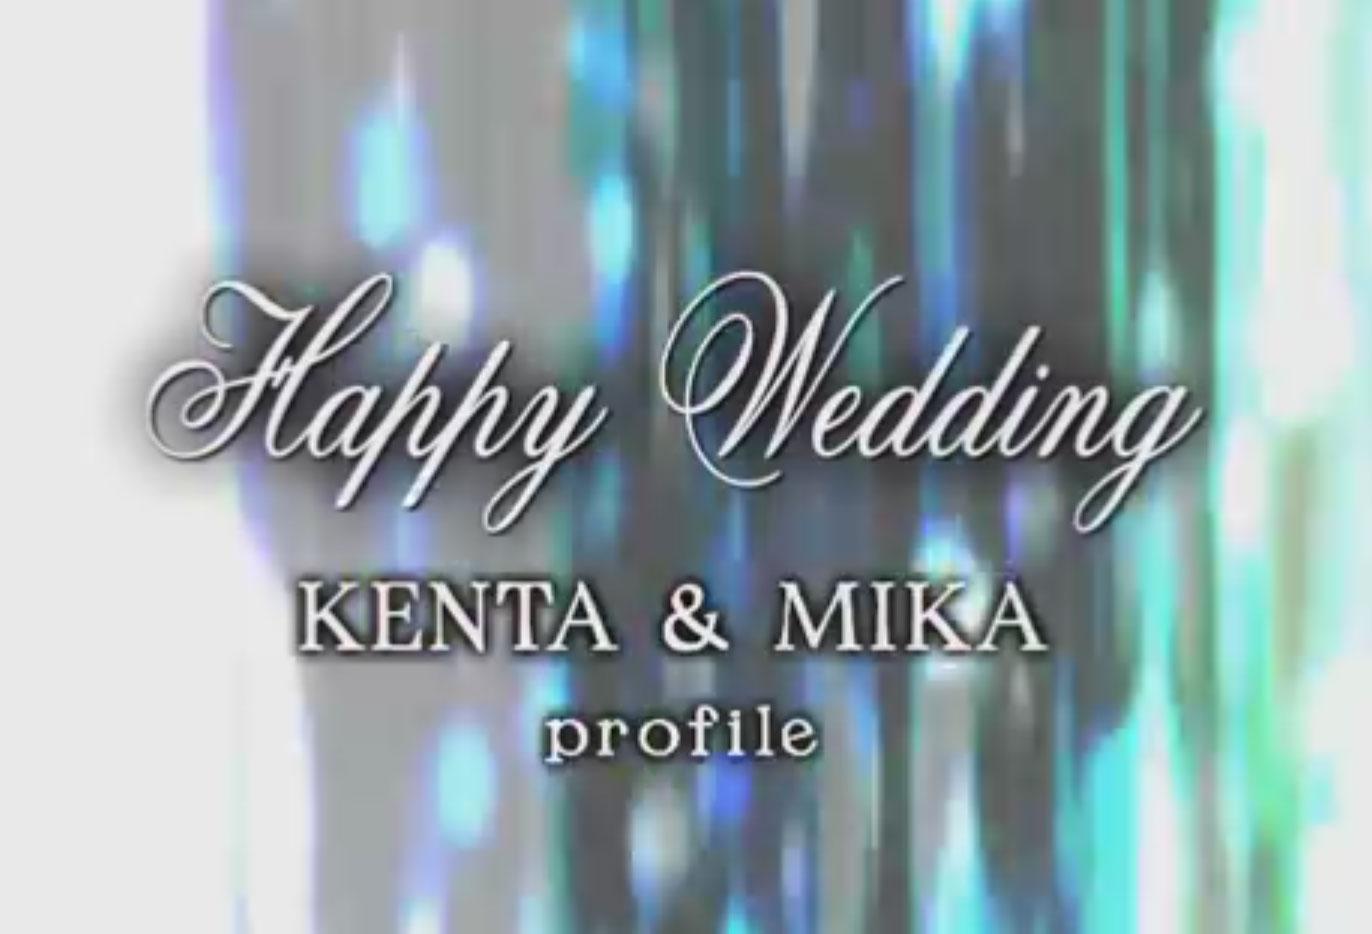 最短1日出荷 プレミアムプロフィールムービー結婚式ムービー(結婚式・披露宴・ウェディング・写真(画像)・格安・ウェルカム ムービー 生い立ちビデオ・生い立ちムービー・ヒストリームービー)